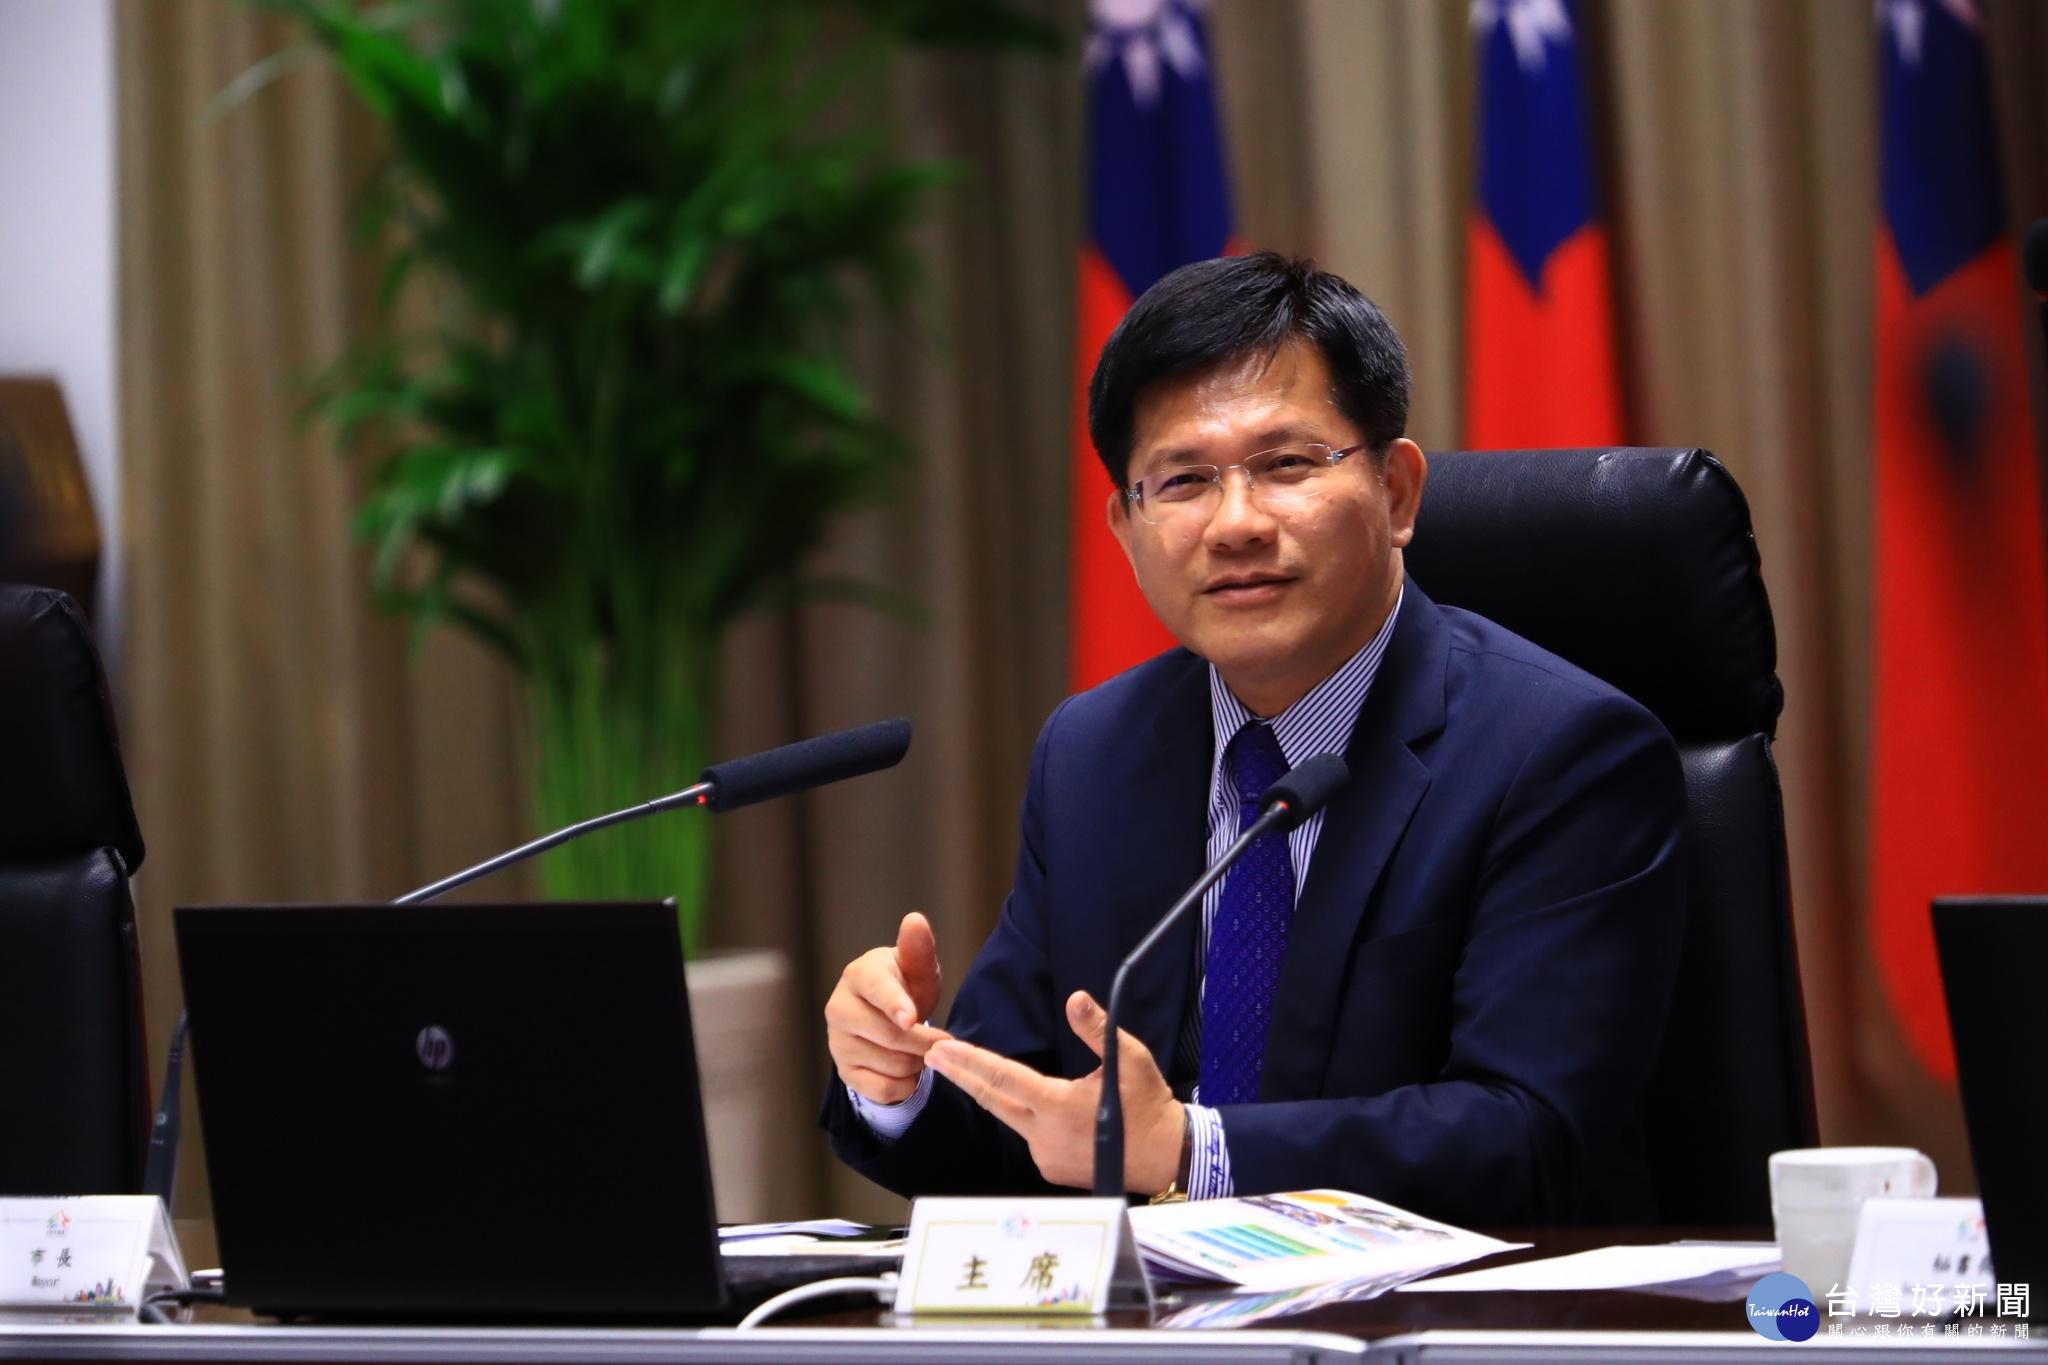 台中市公布107年度總預算 歲出1301.86億